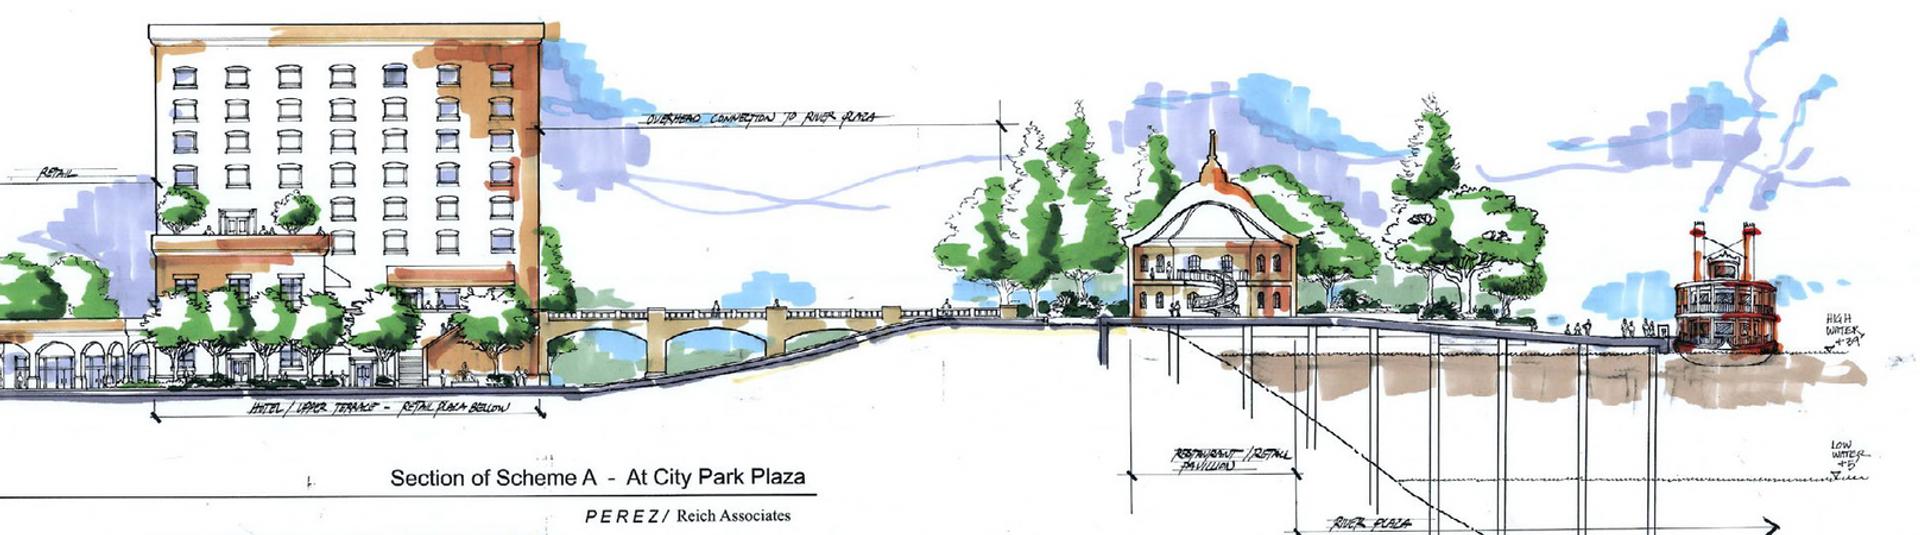 Port Allen Riverfront